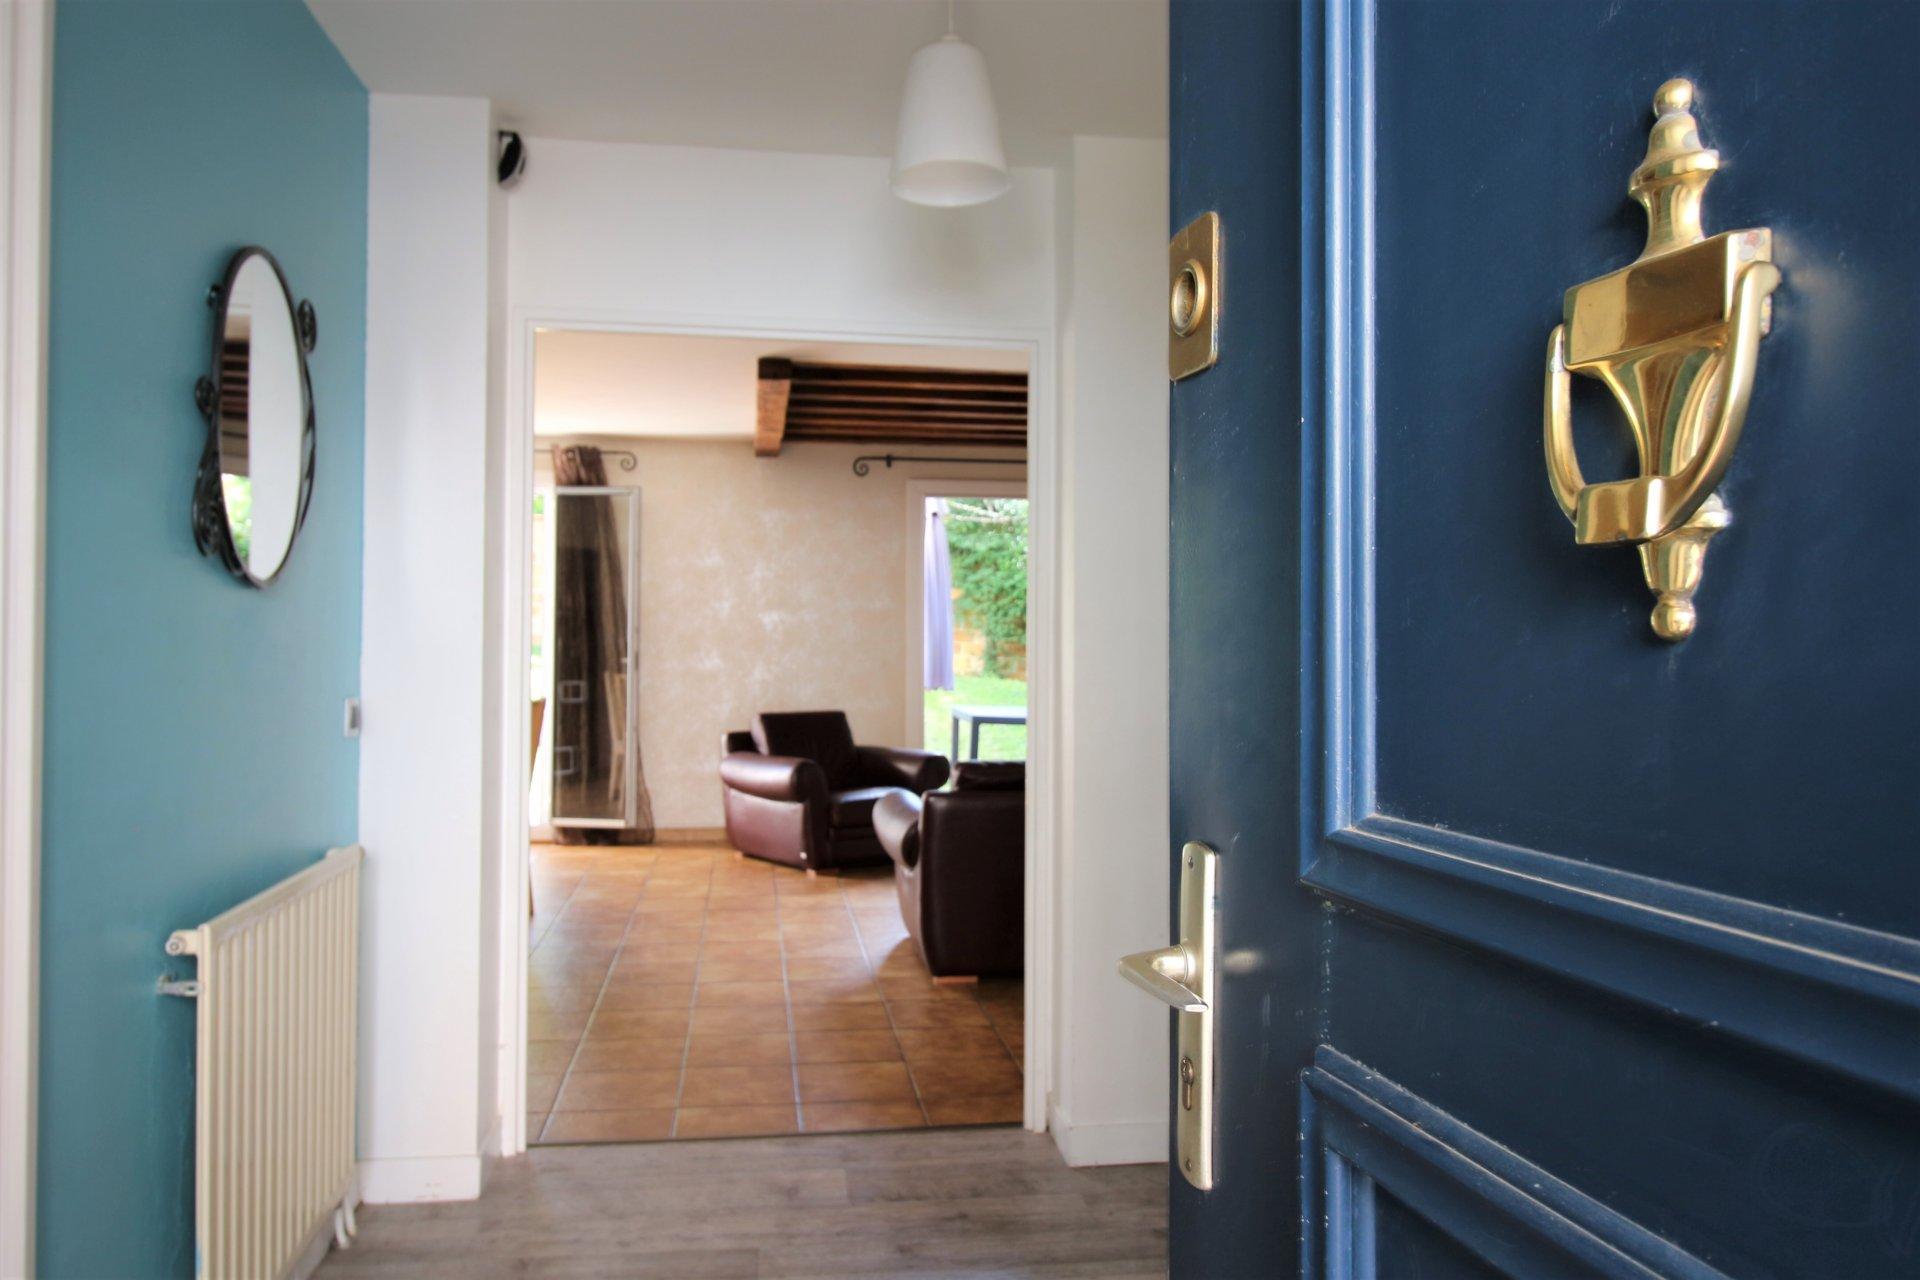 MAISON  FAMILIAL de 110 m², 5 pièces, 4 chambres, jardin, garage, sans vis à vis au calme